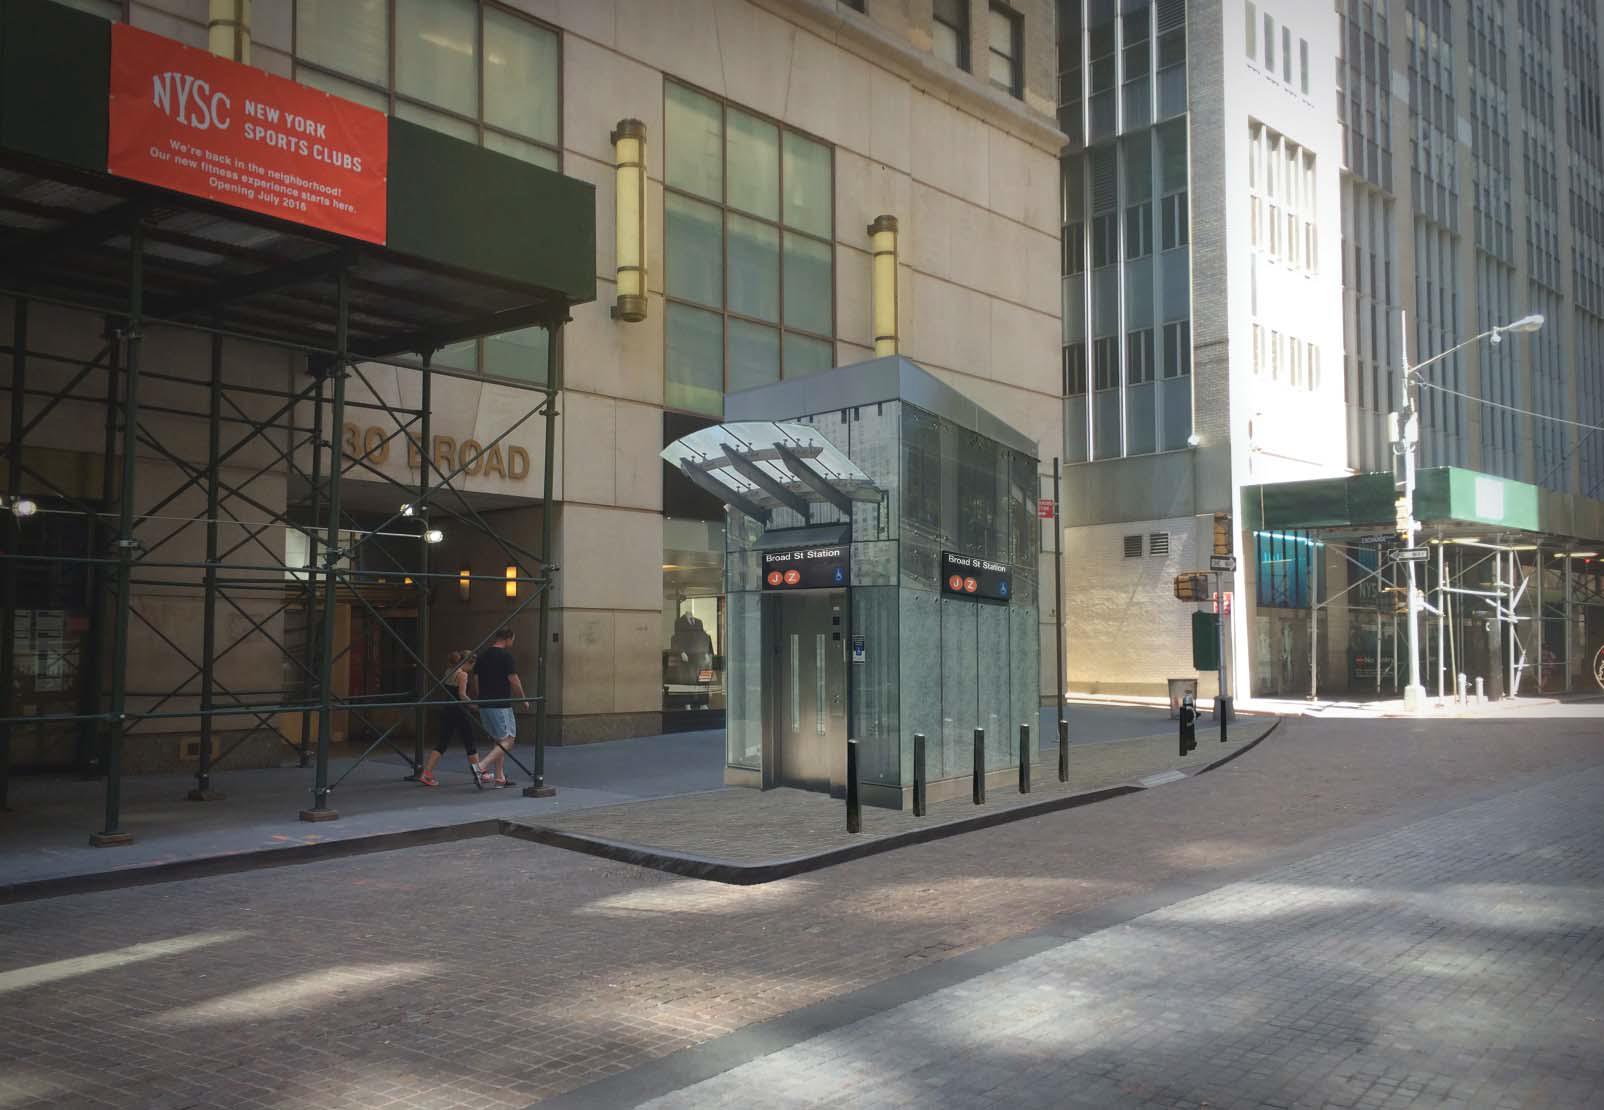 Rendering of west side elevator for Broad Street J/Z subway station